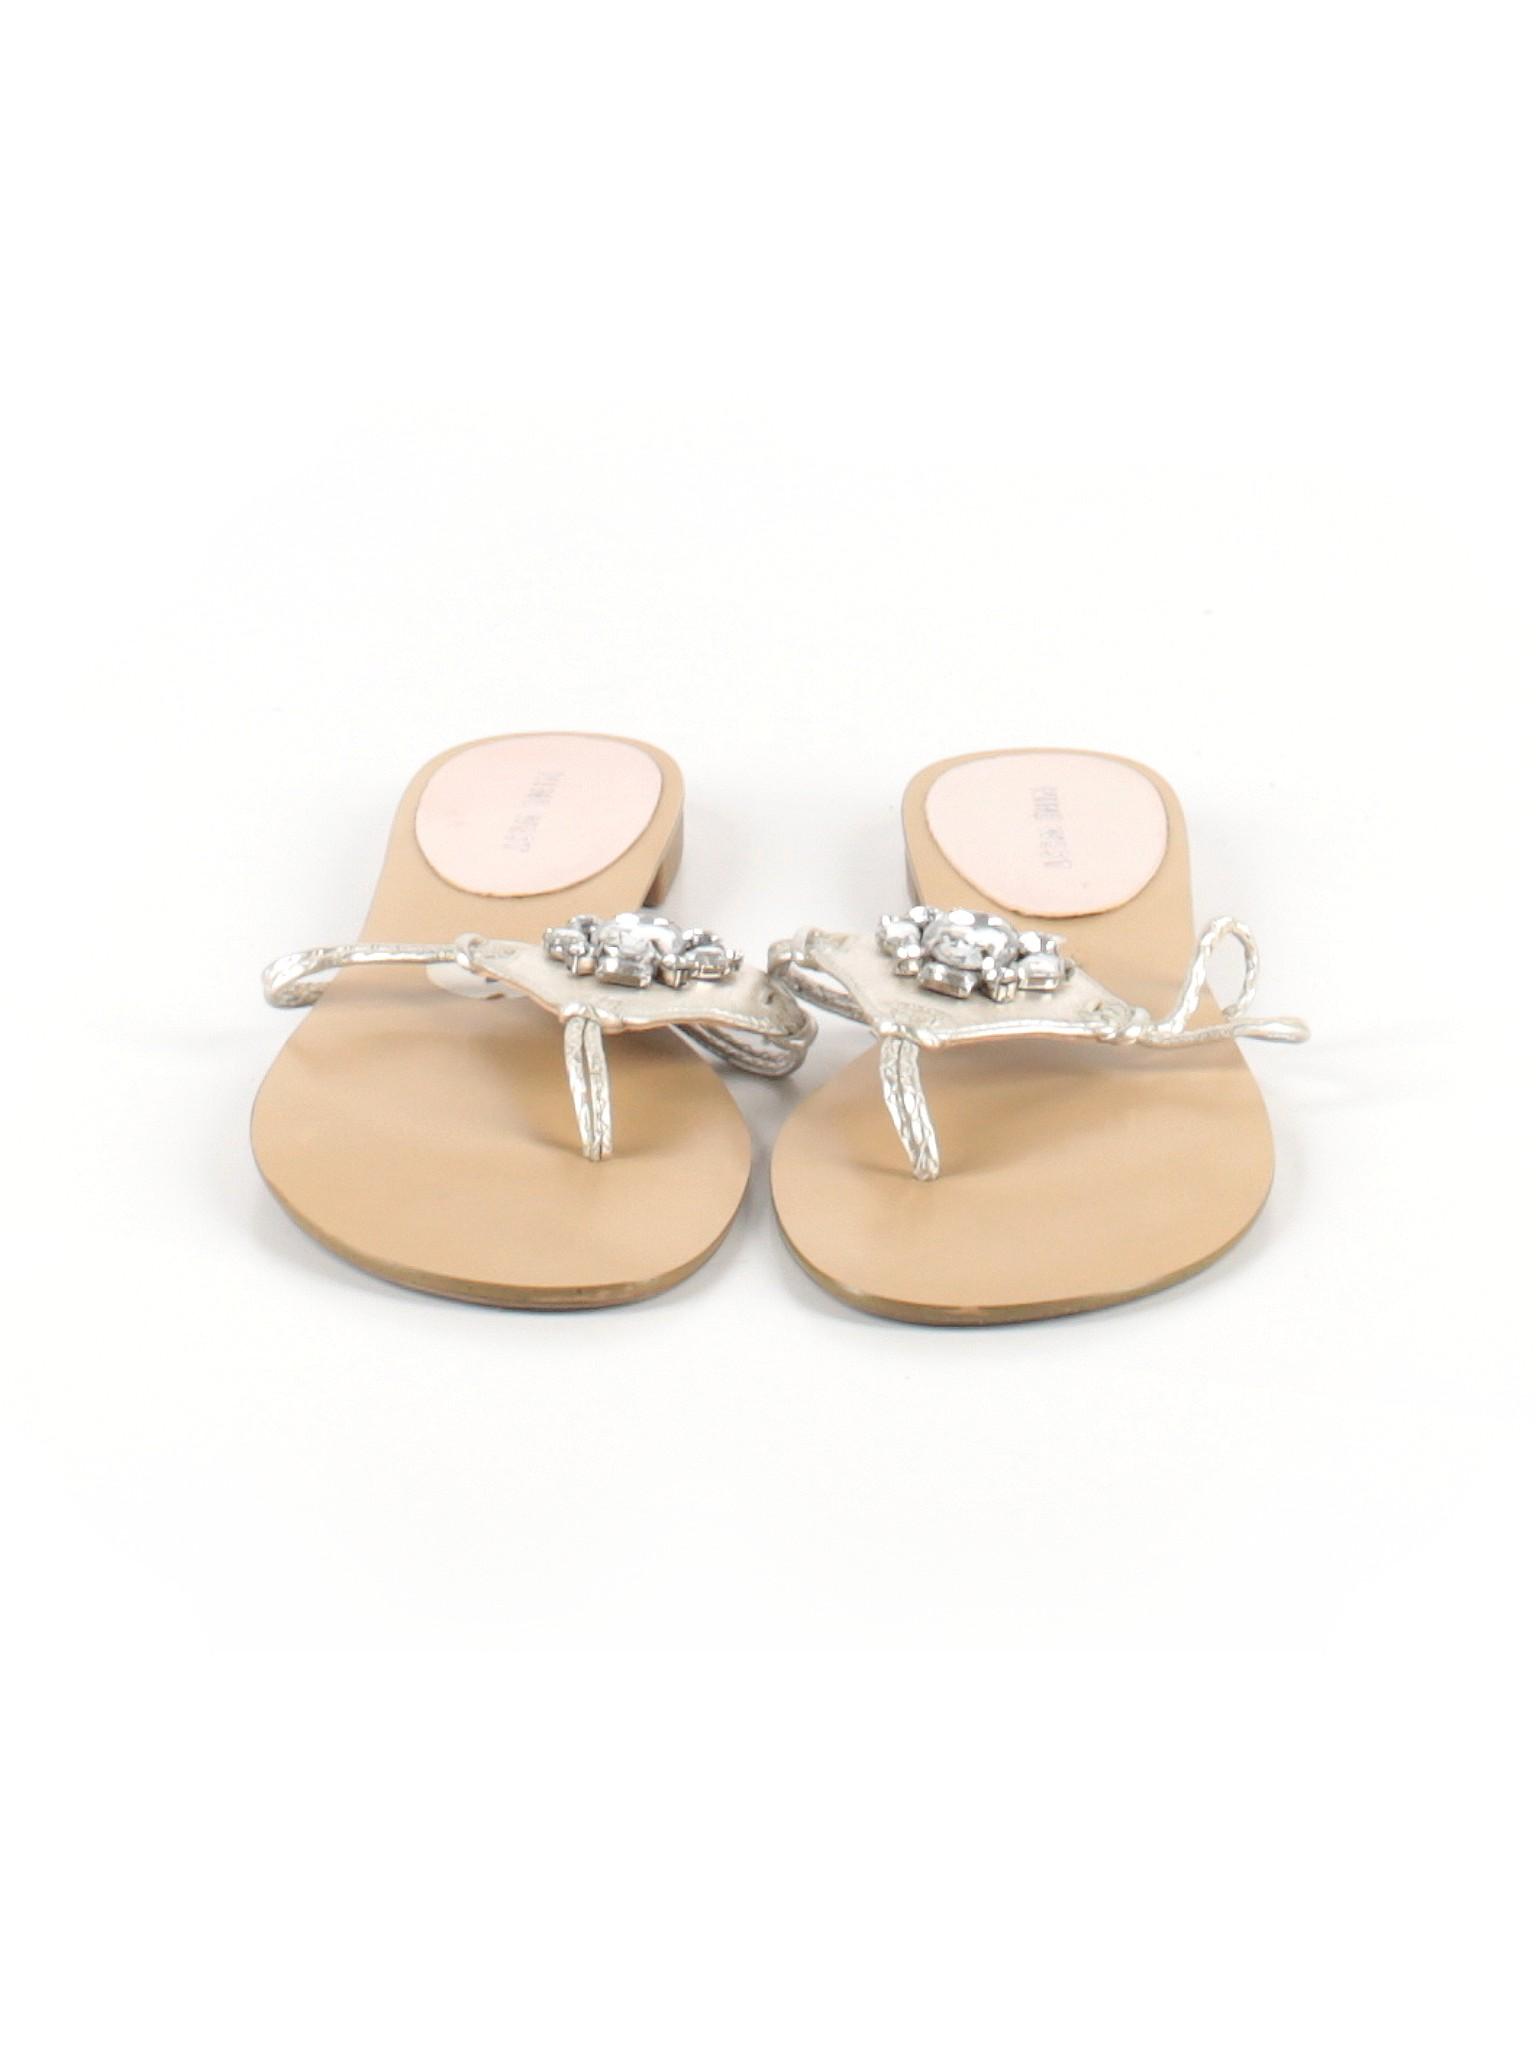 West Boutique Boutique promotion Nine Sandals promotion Sandals West Nine xCT0wqB